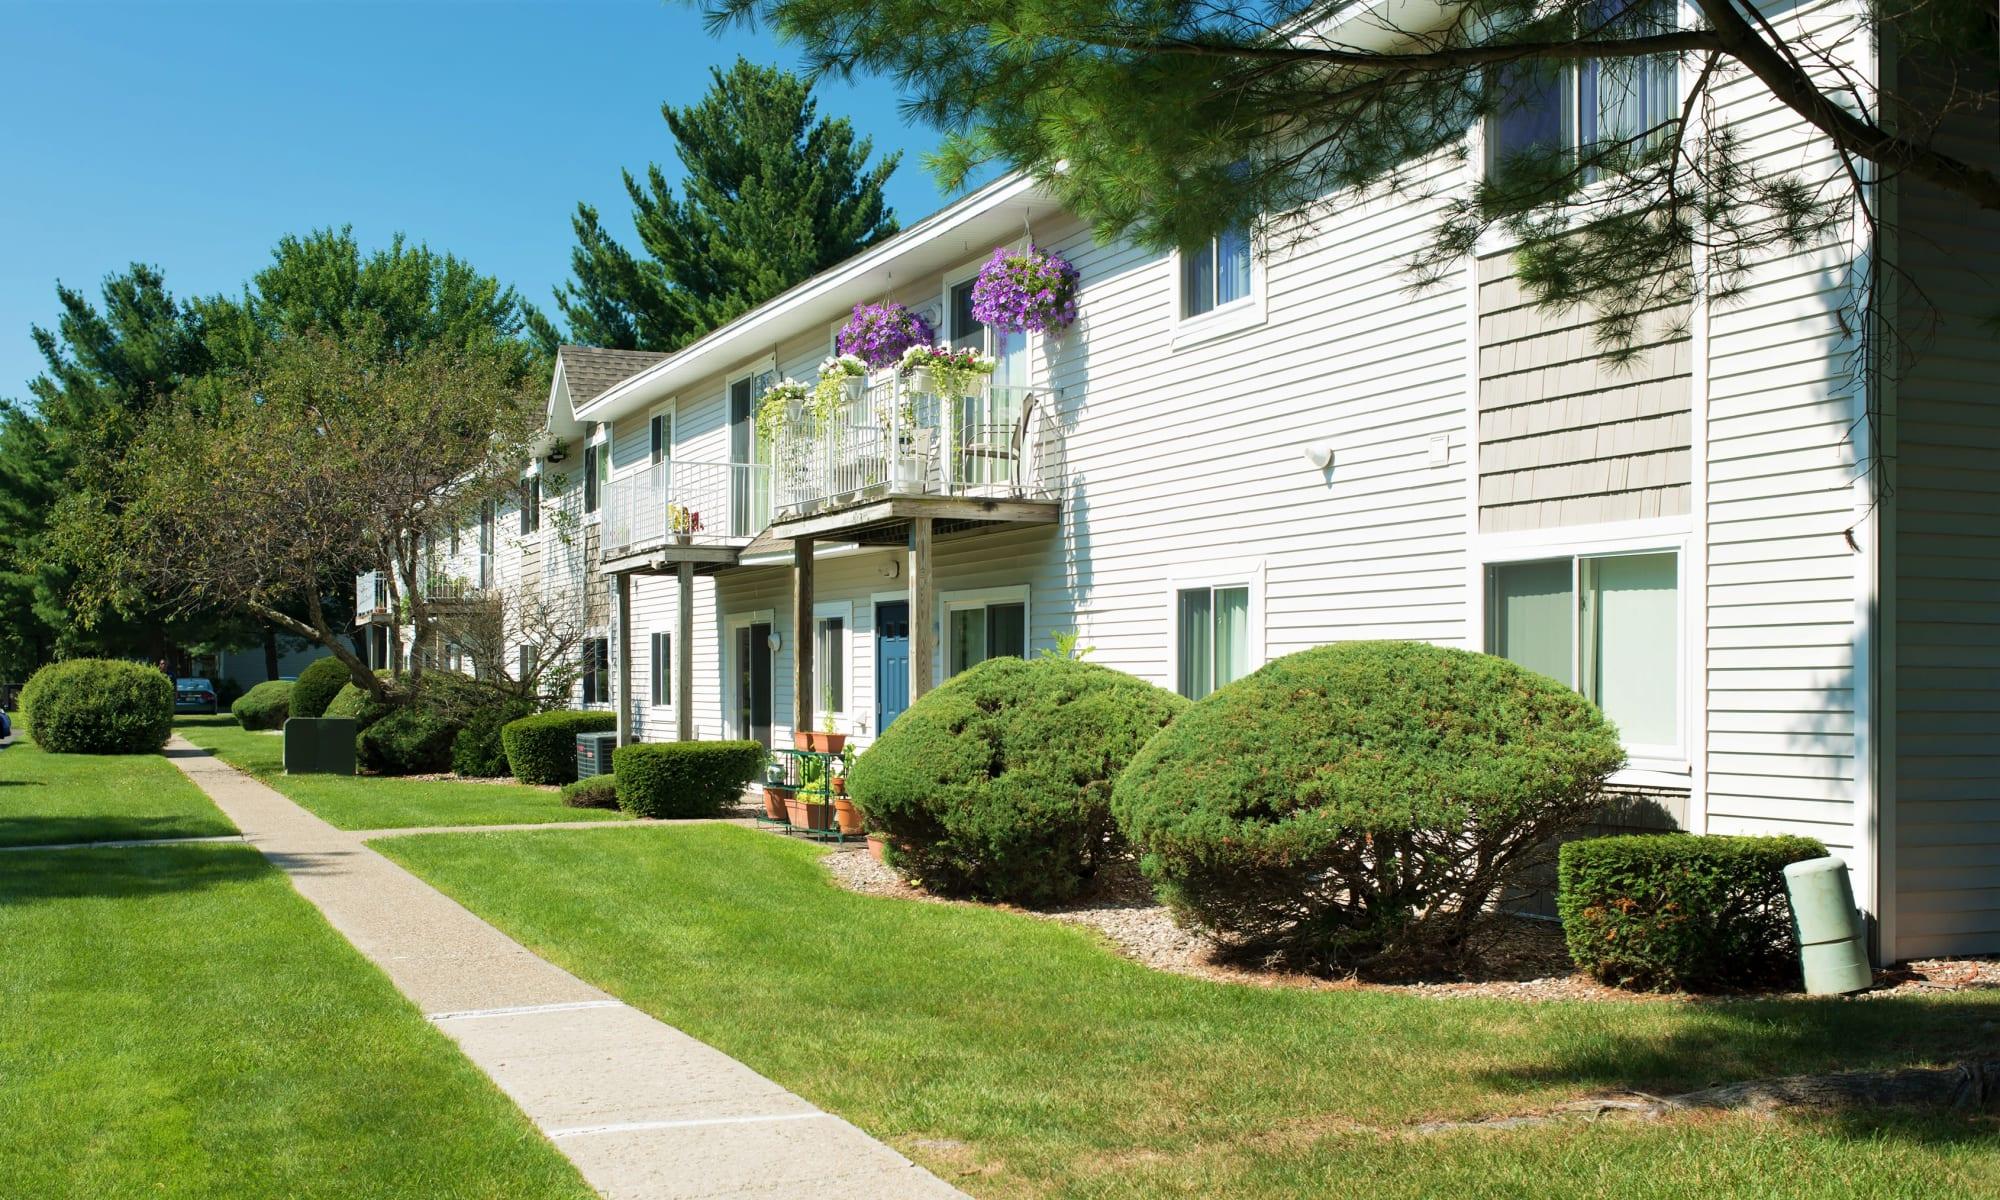 Apartments in East Greenbush, NY